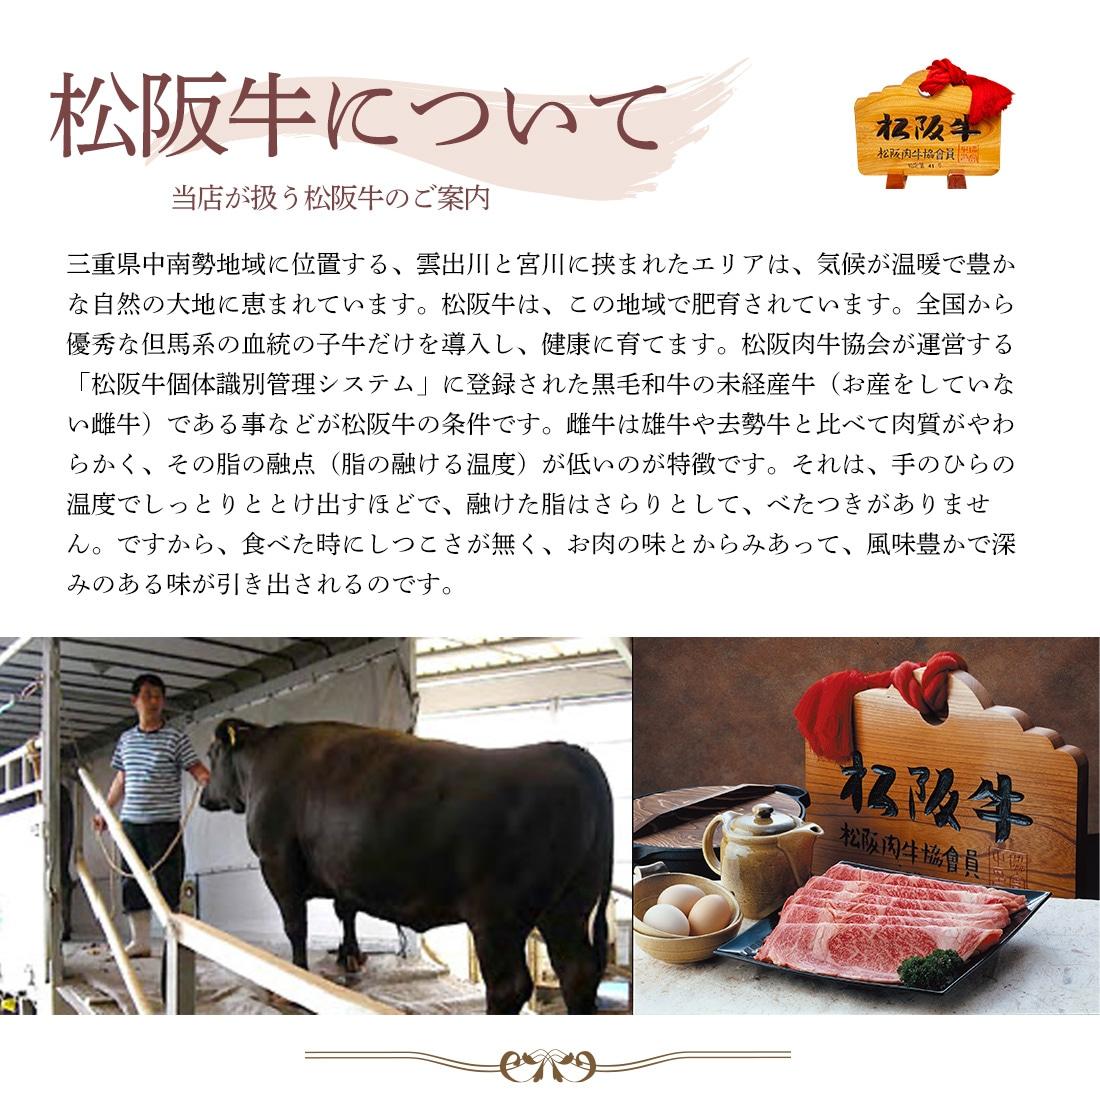 松阪牛について